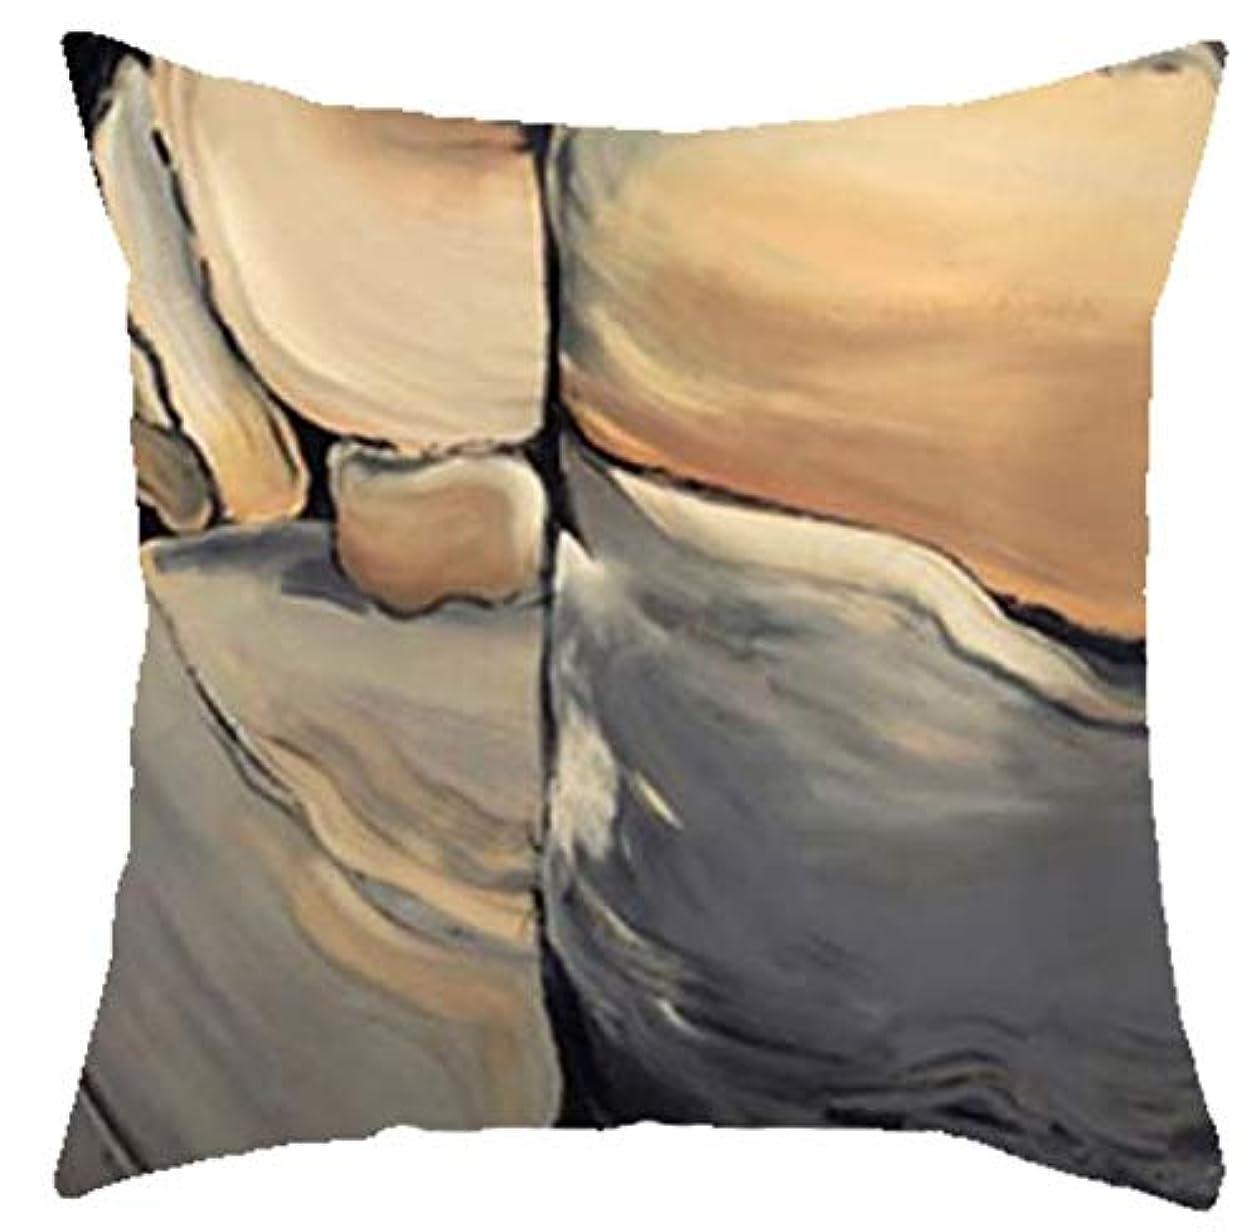 運河肘掛け椅子パートナーLIFE 新入荷幾何学模様スロー枕クリエイティブ抽象大理石クッション手塗りの山の森リビングルームのソファ クッション 椅子